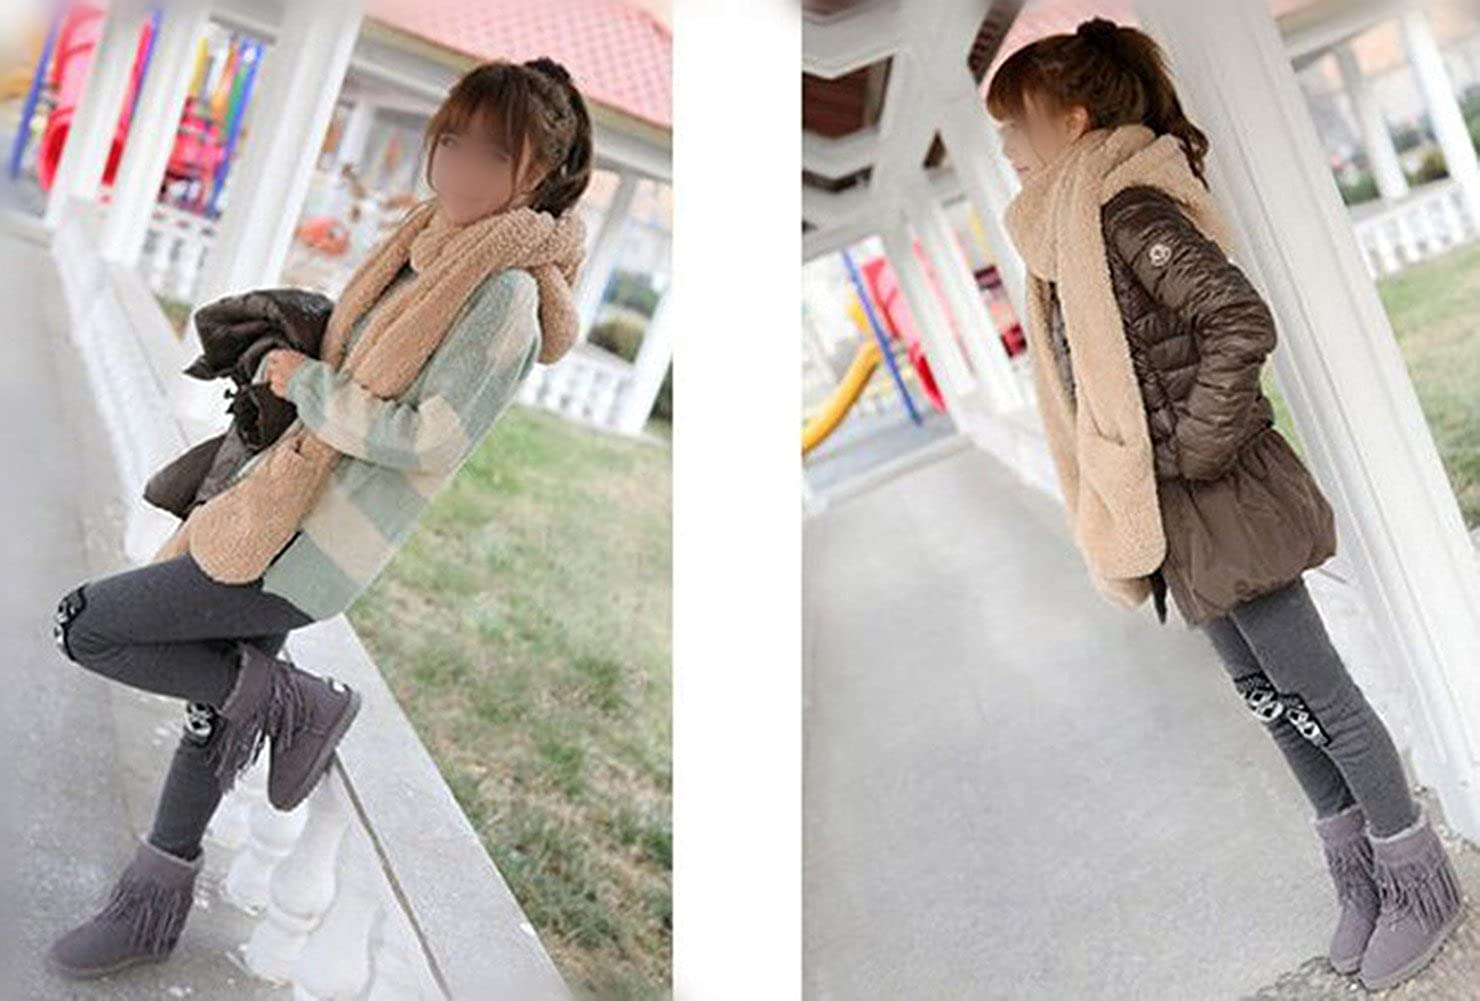 Demarkt Damen Winter Hut Kappen Schal Handschuhe 3 in 1 alle in einem weichen Kappen Hut Schal Handschuhen Kapuzenschal